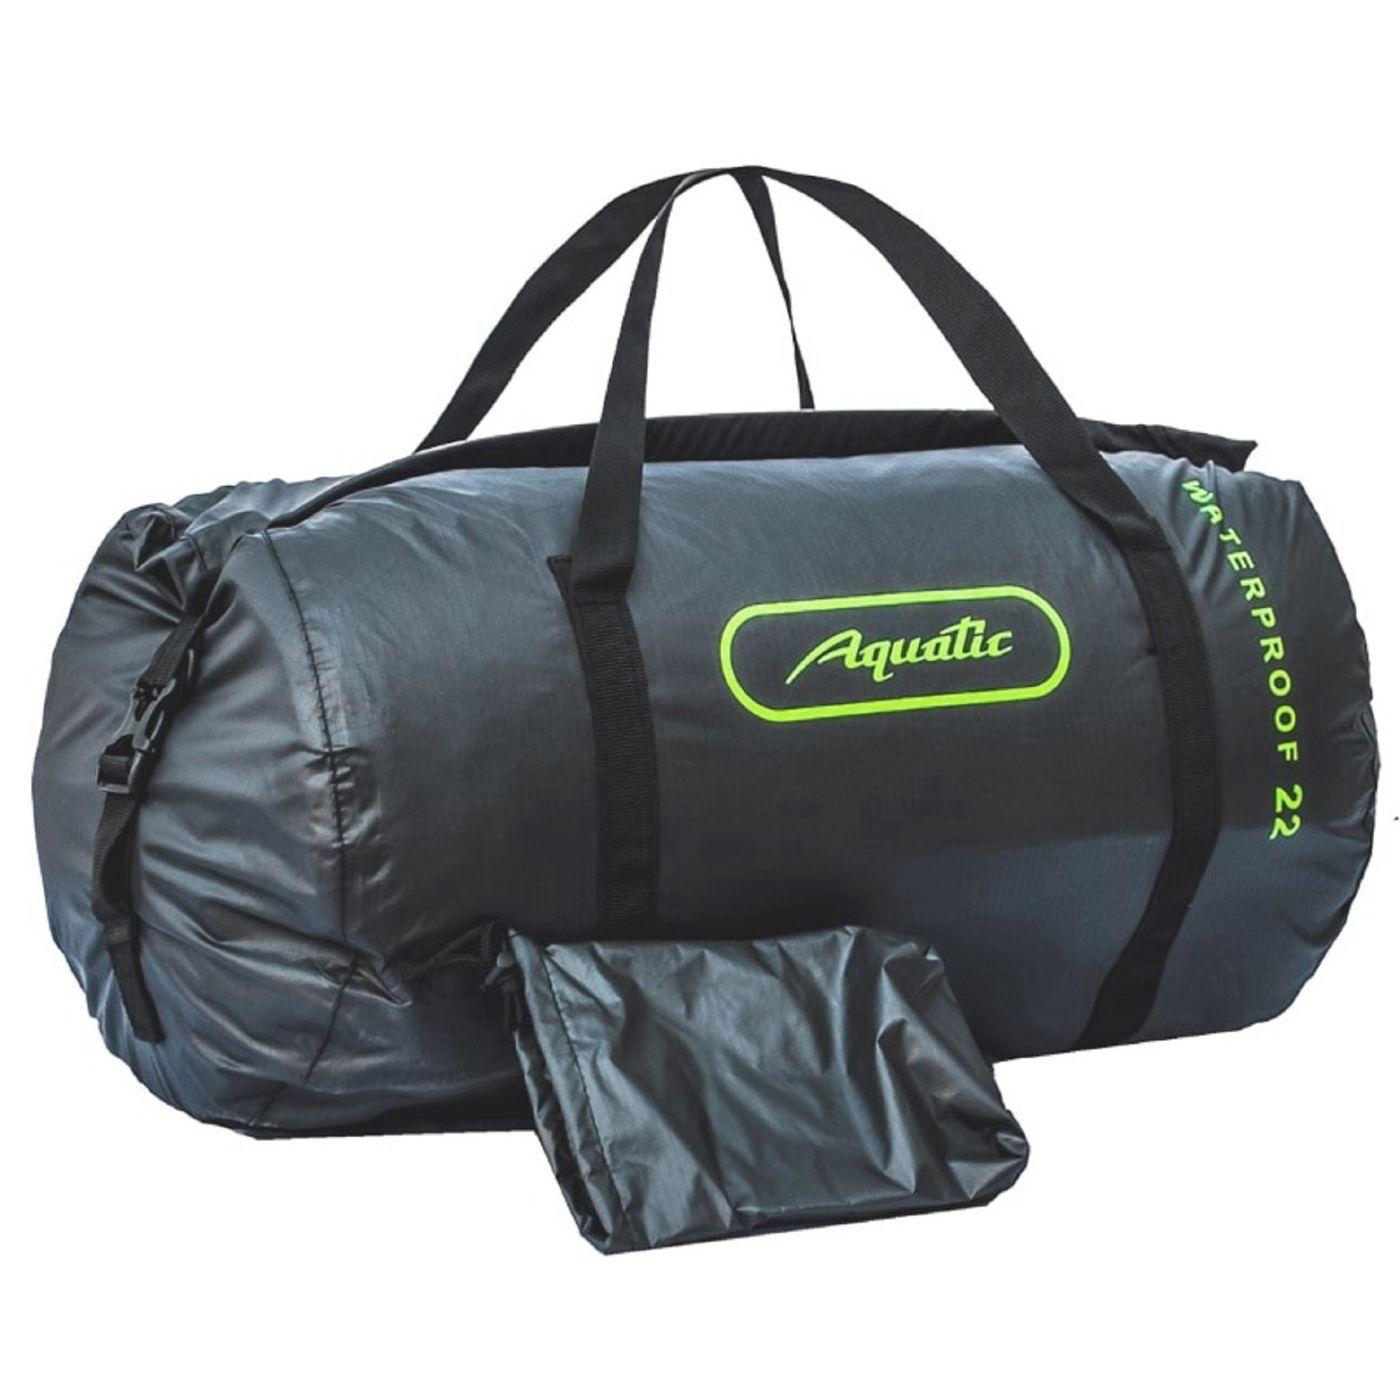 Hermobag Aquatic GS-15, 15 Liters GS-15